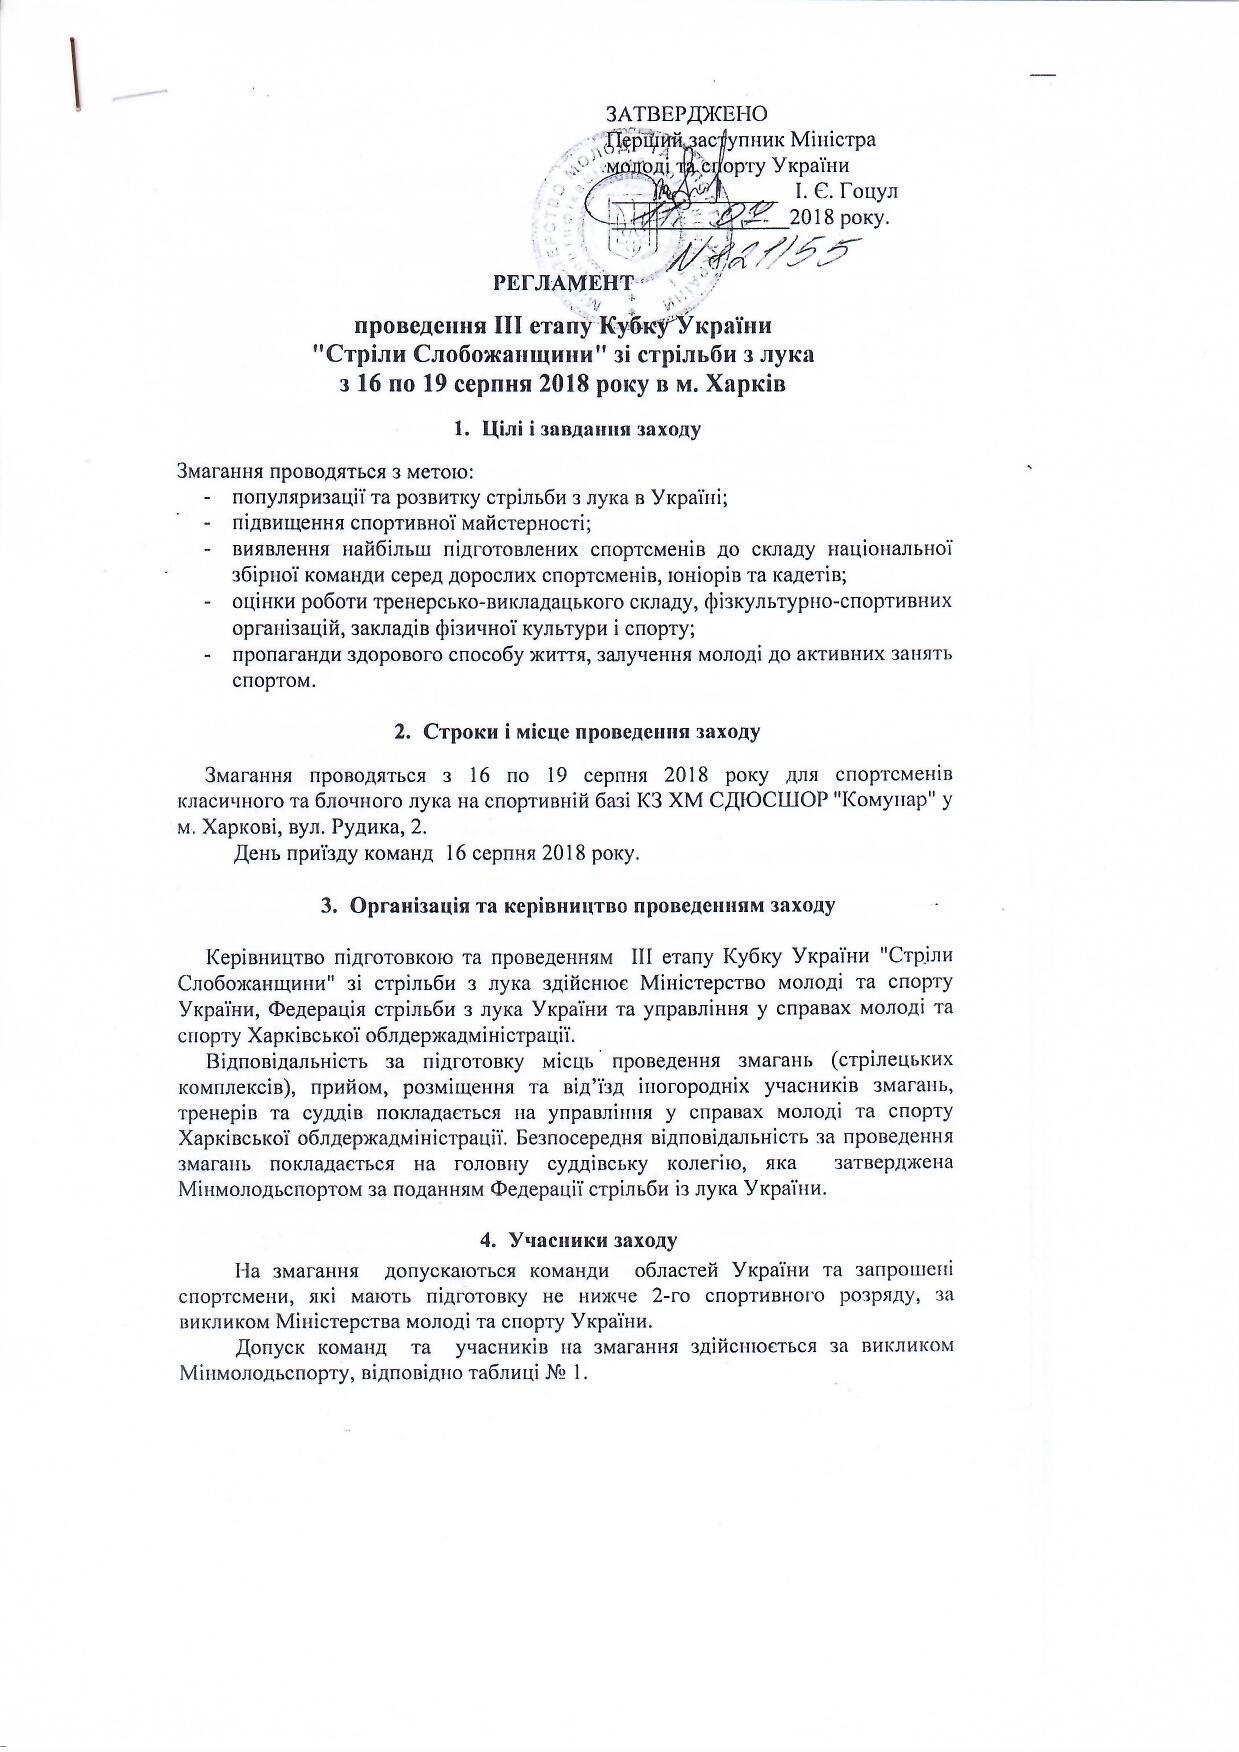 РЕГЛАМЕНТ_0001